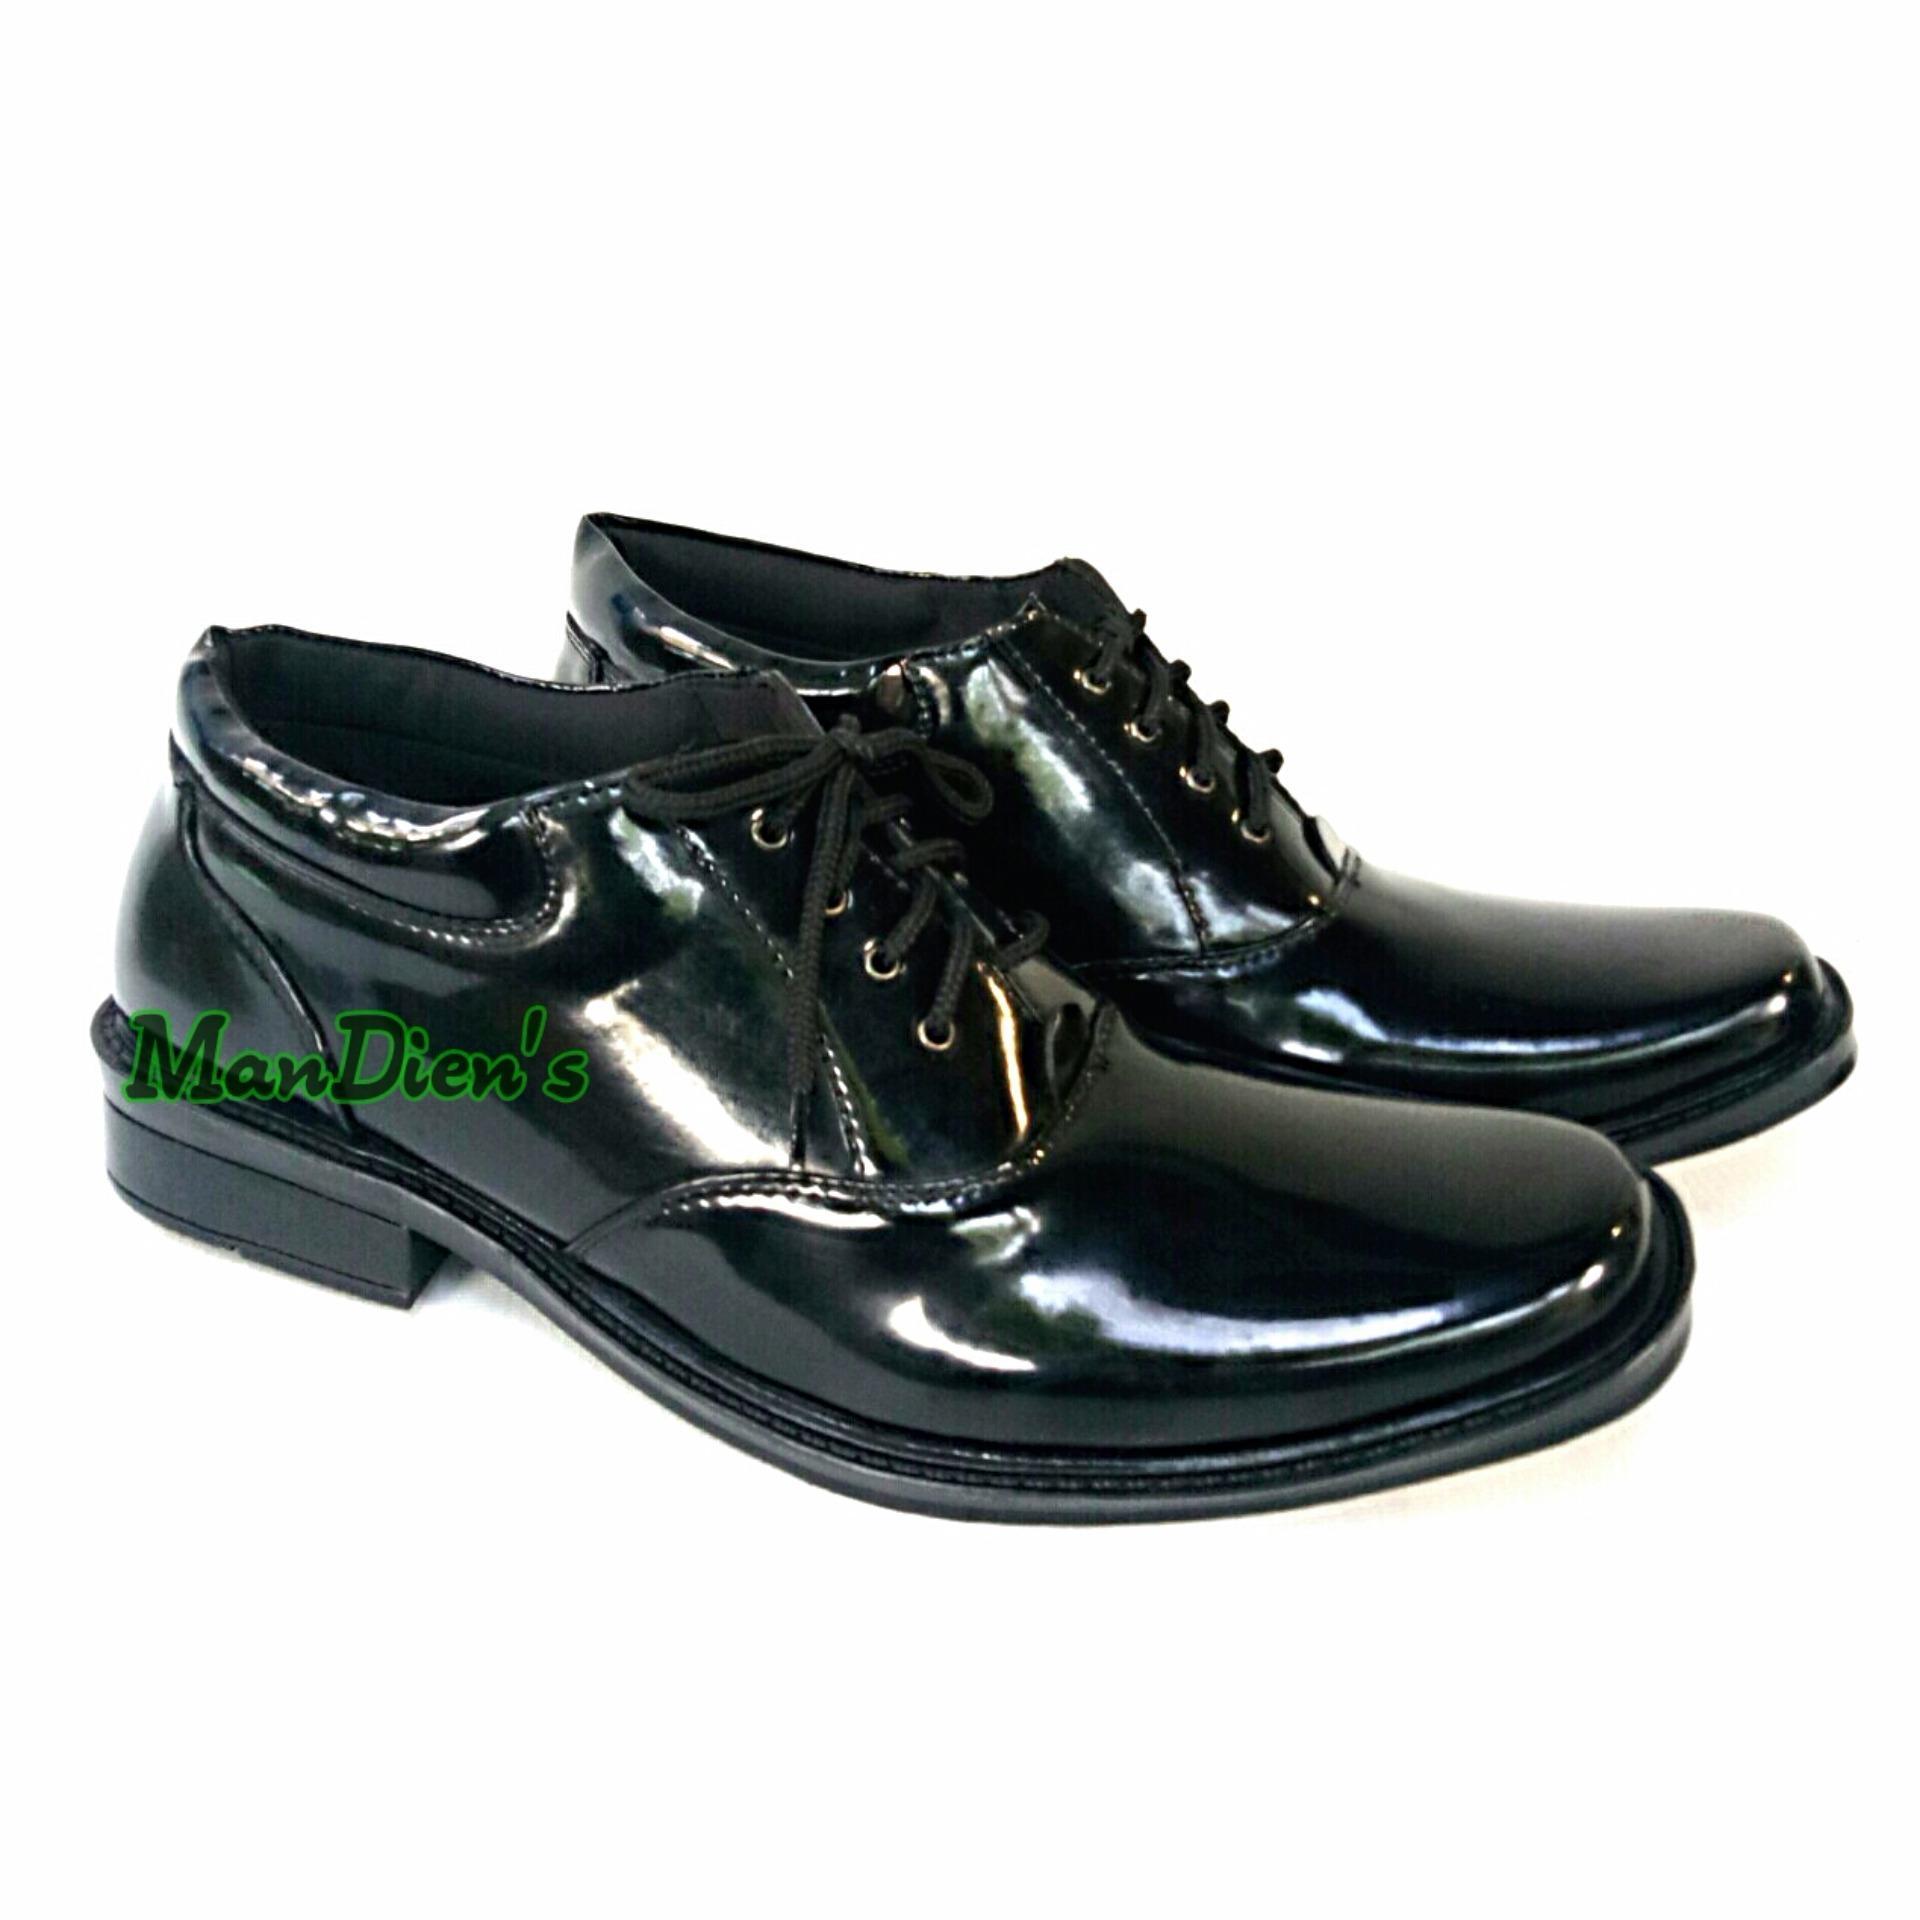 Promo Mandien S Sepatu Pria Super Kilat Pantofel Formal Pdh 02 Tali Hitam Man Dien Store